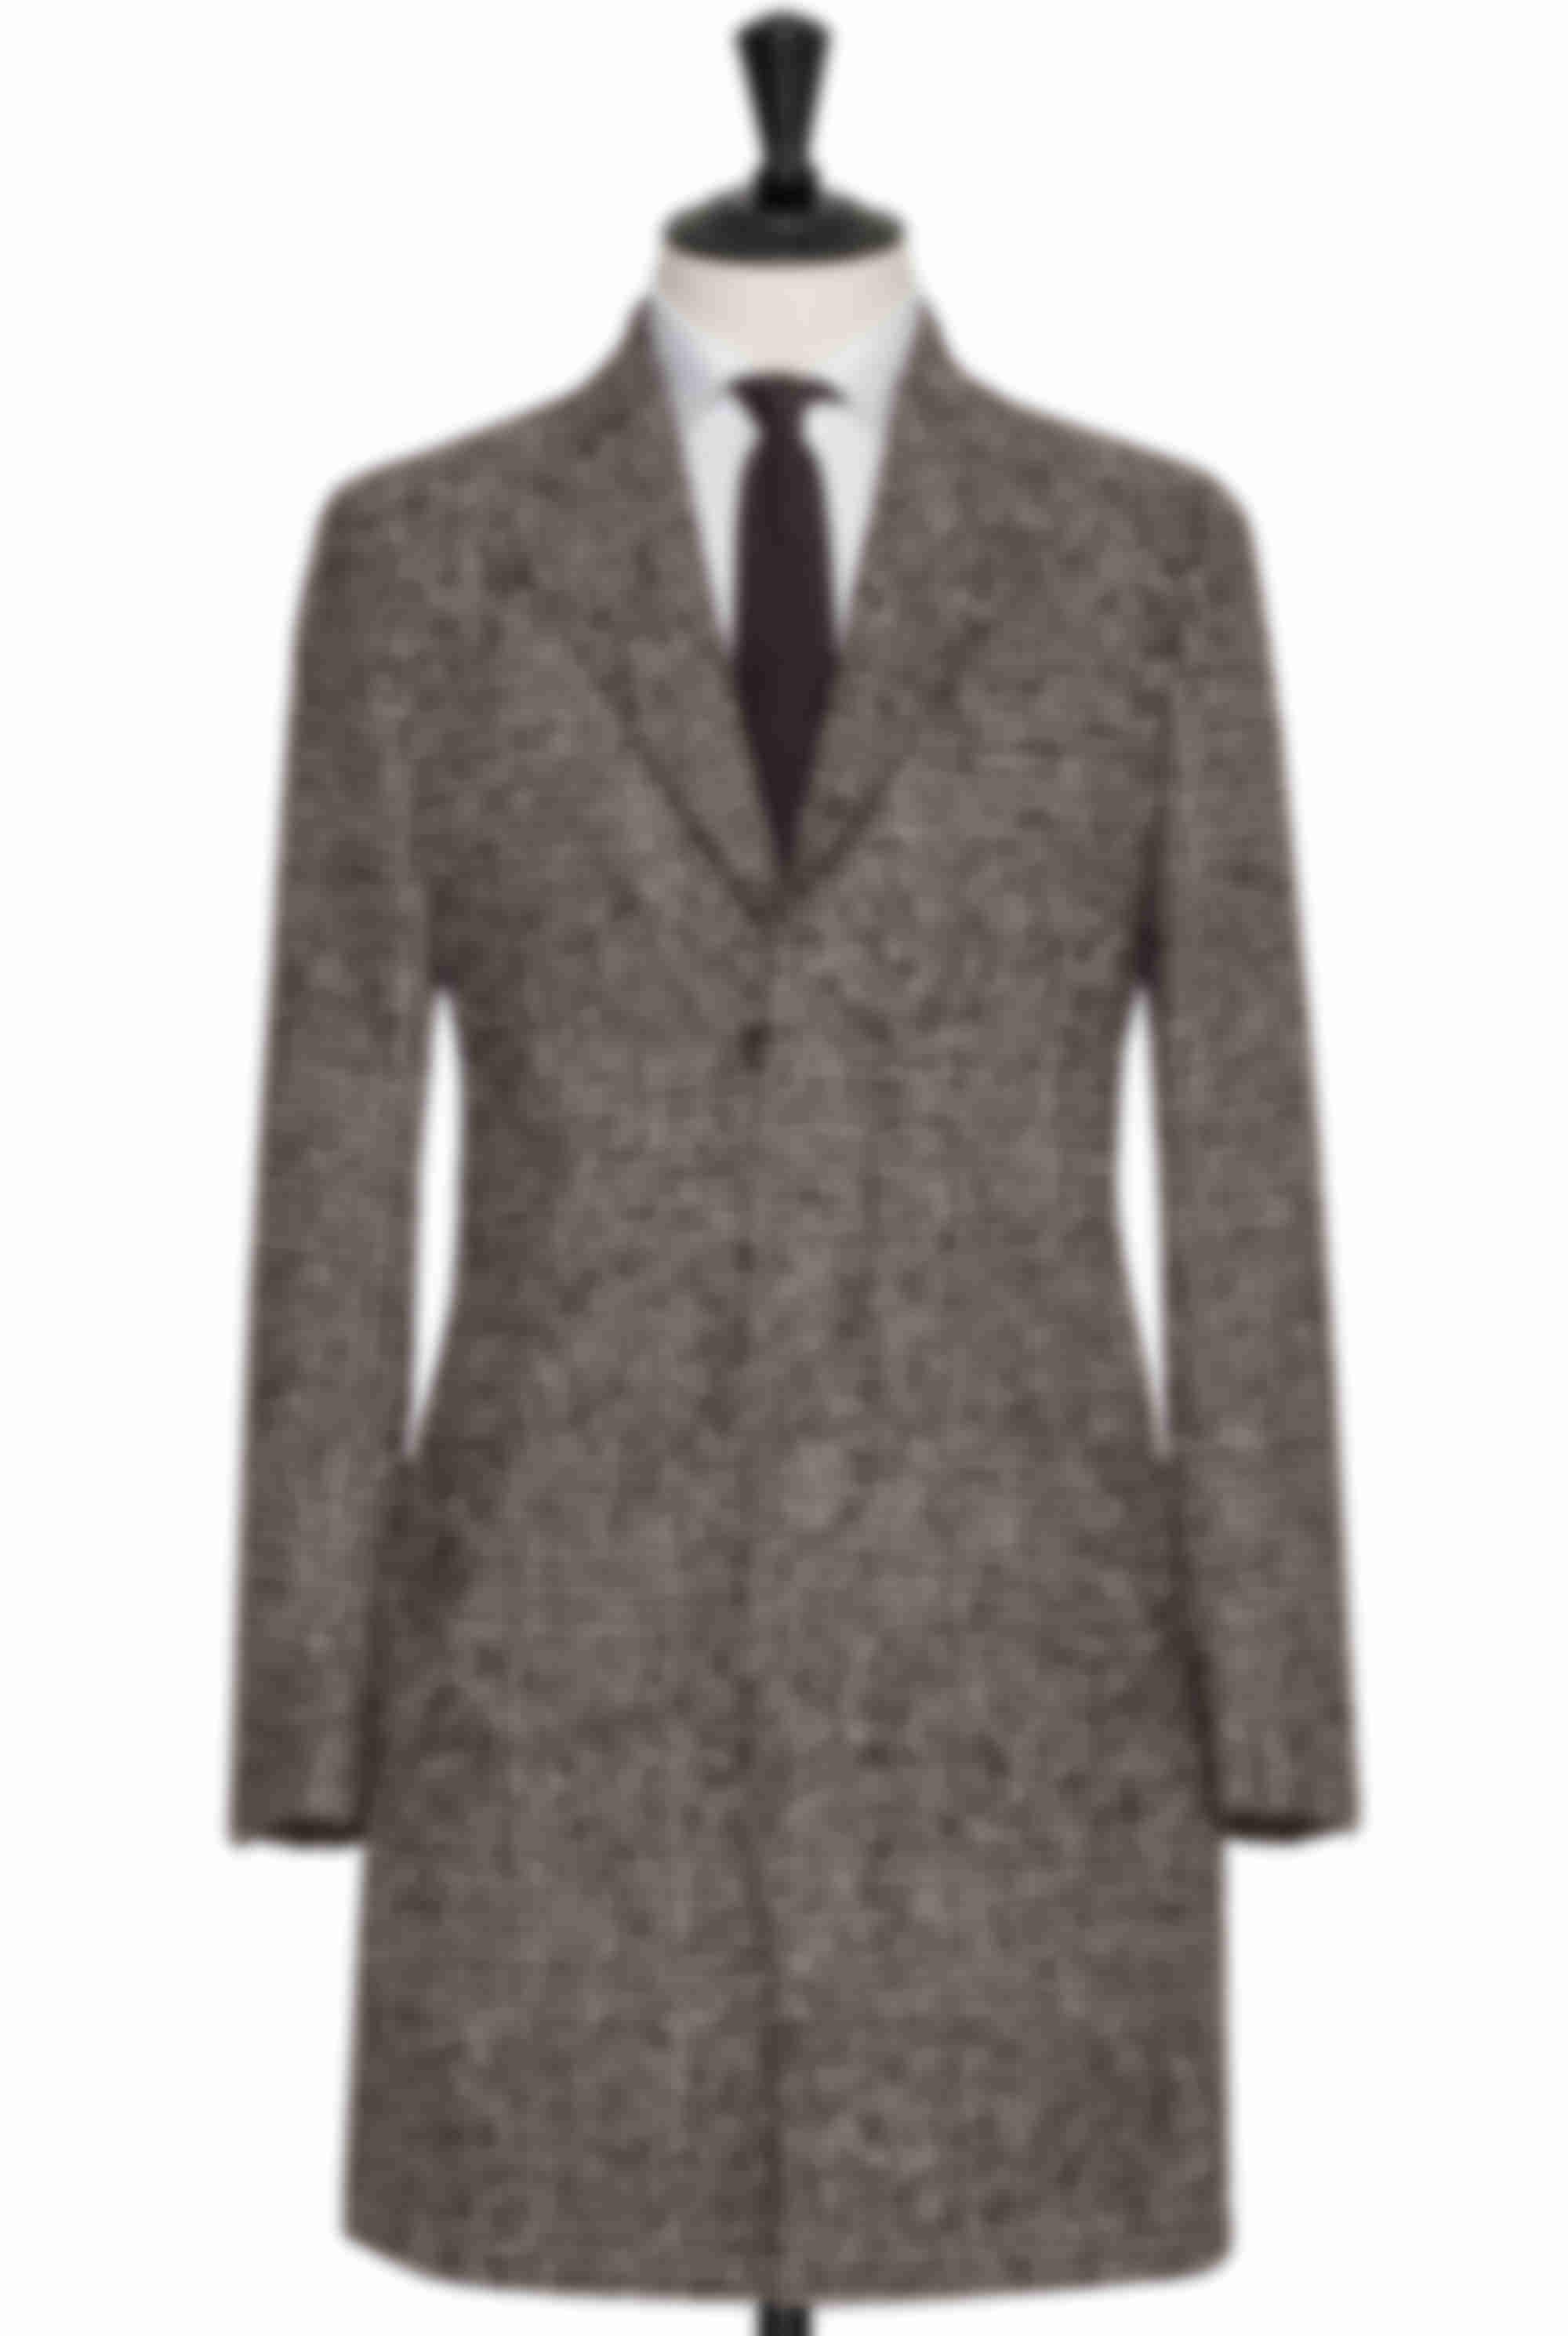 Manteau sur mesure boutons cachés marron carreaux Atelier Mesure